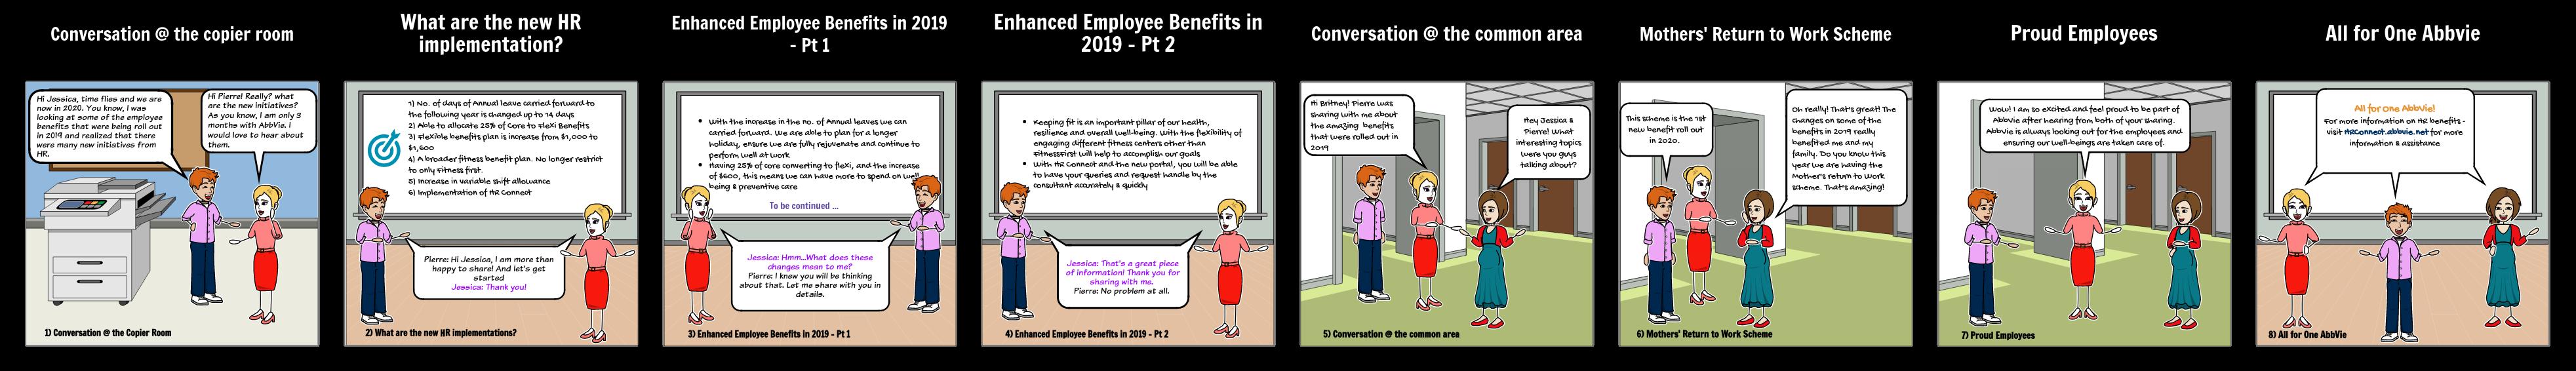 Newsletter - HR Benefits